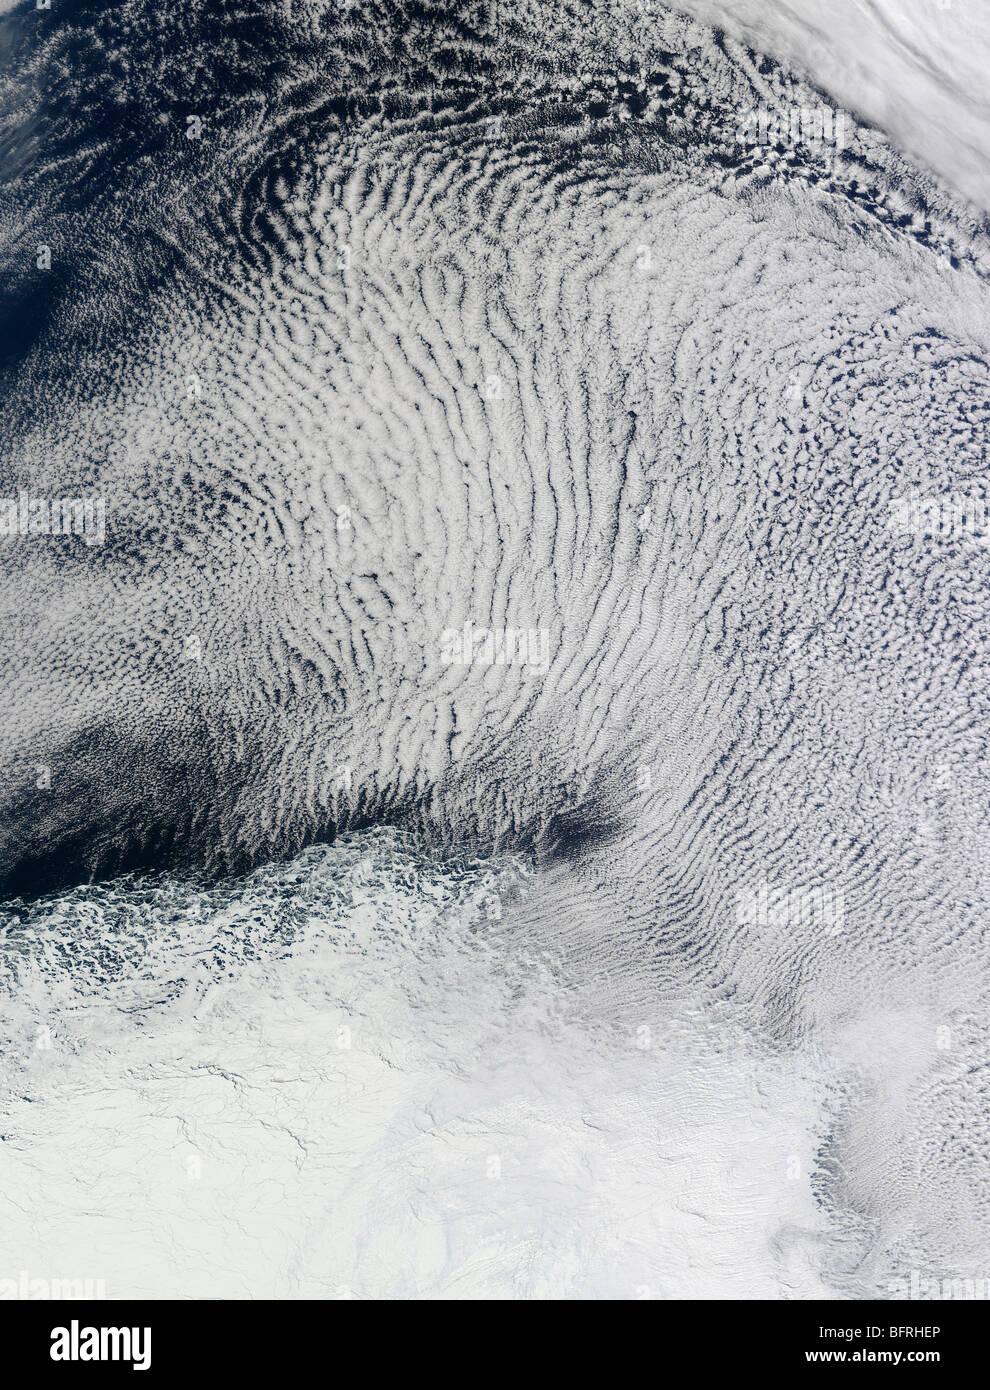 10 septembre 2009 - Nuages et glace de mer dans l'océan Austral. Photo Stock